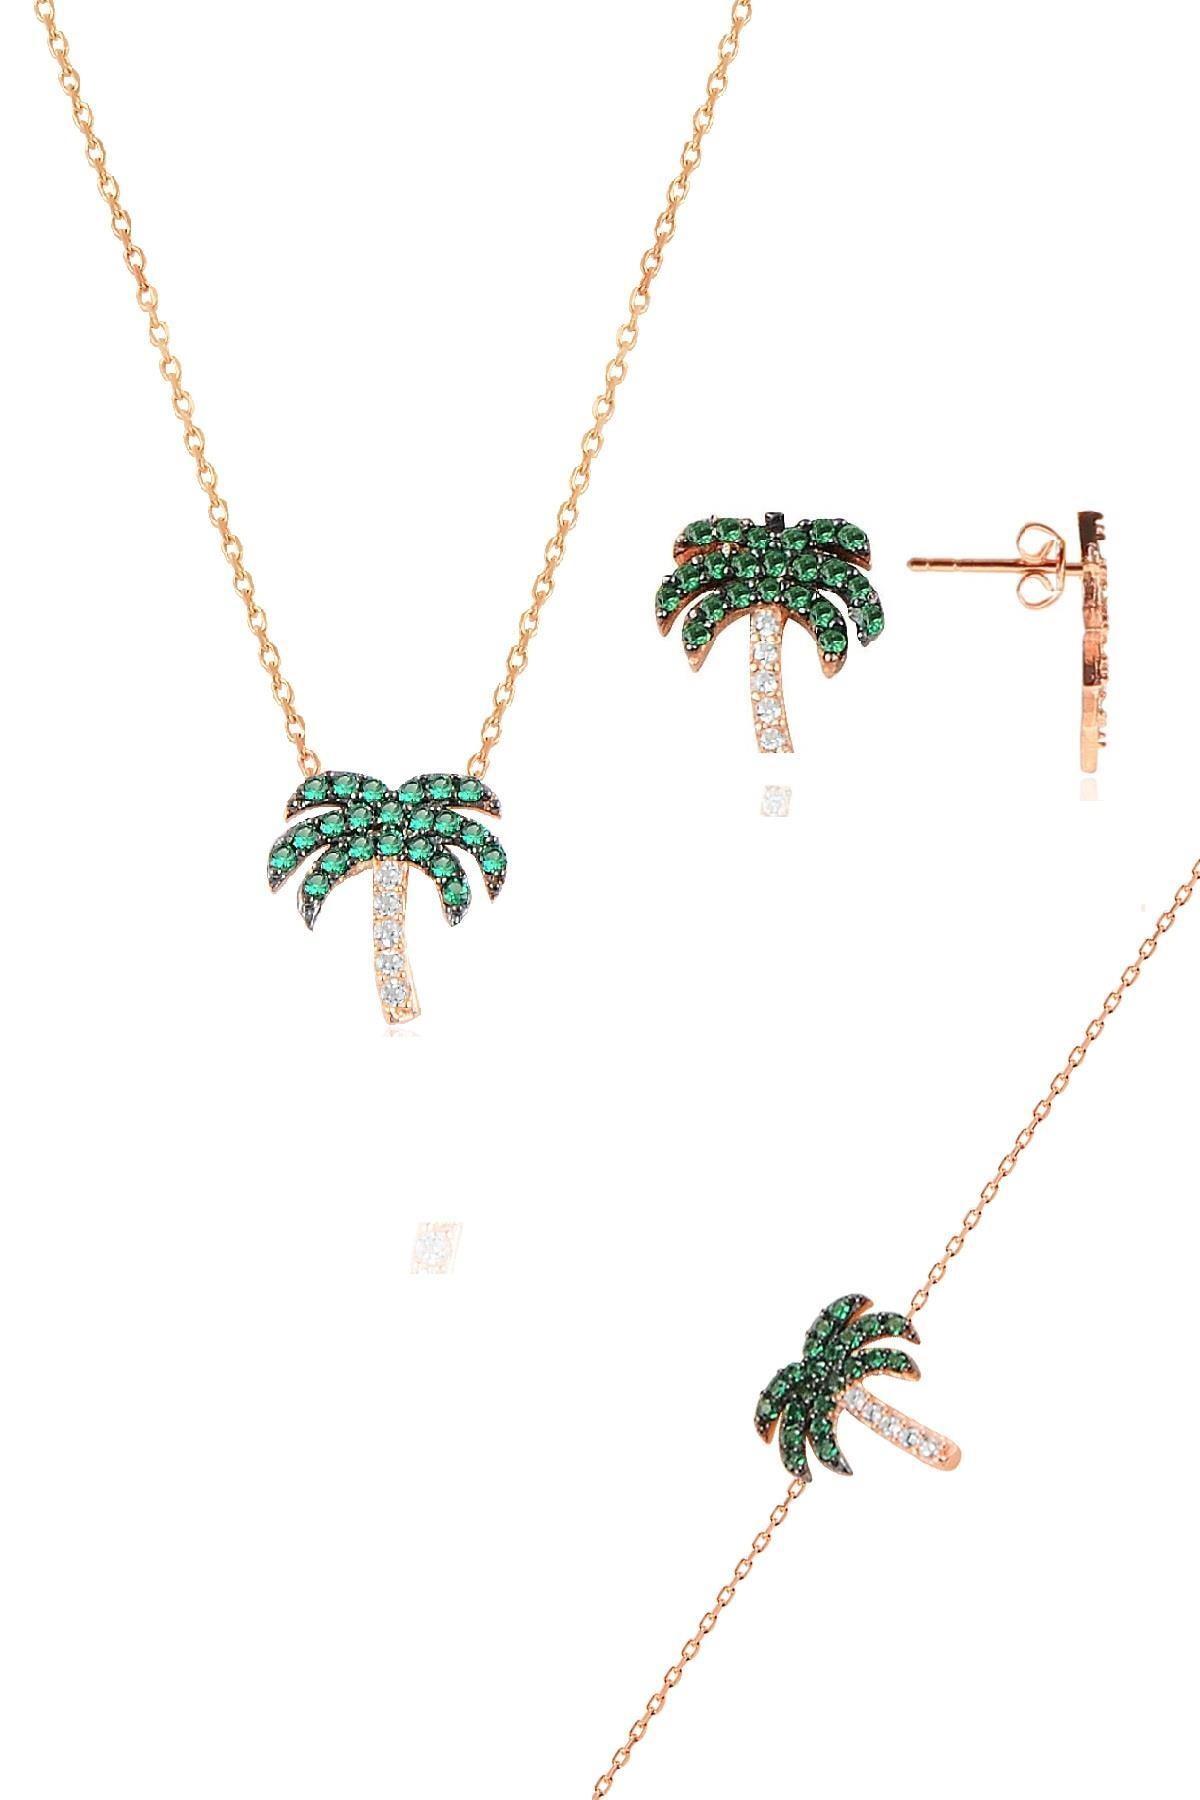 Söğütlü Silver Gümüş rose yeşil taşlı palmiye gümüş üçlü set